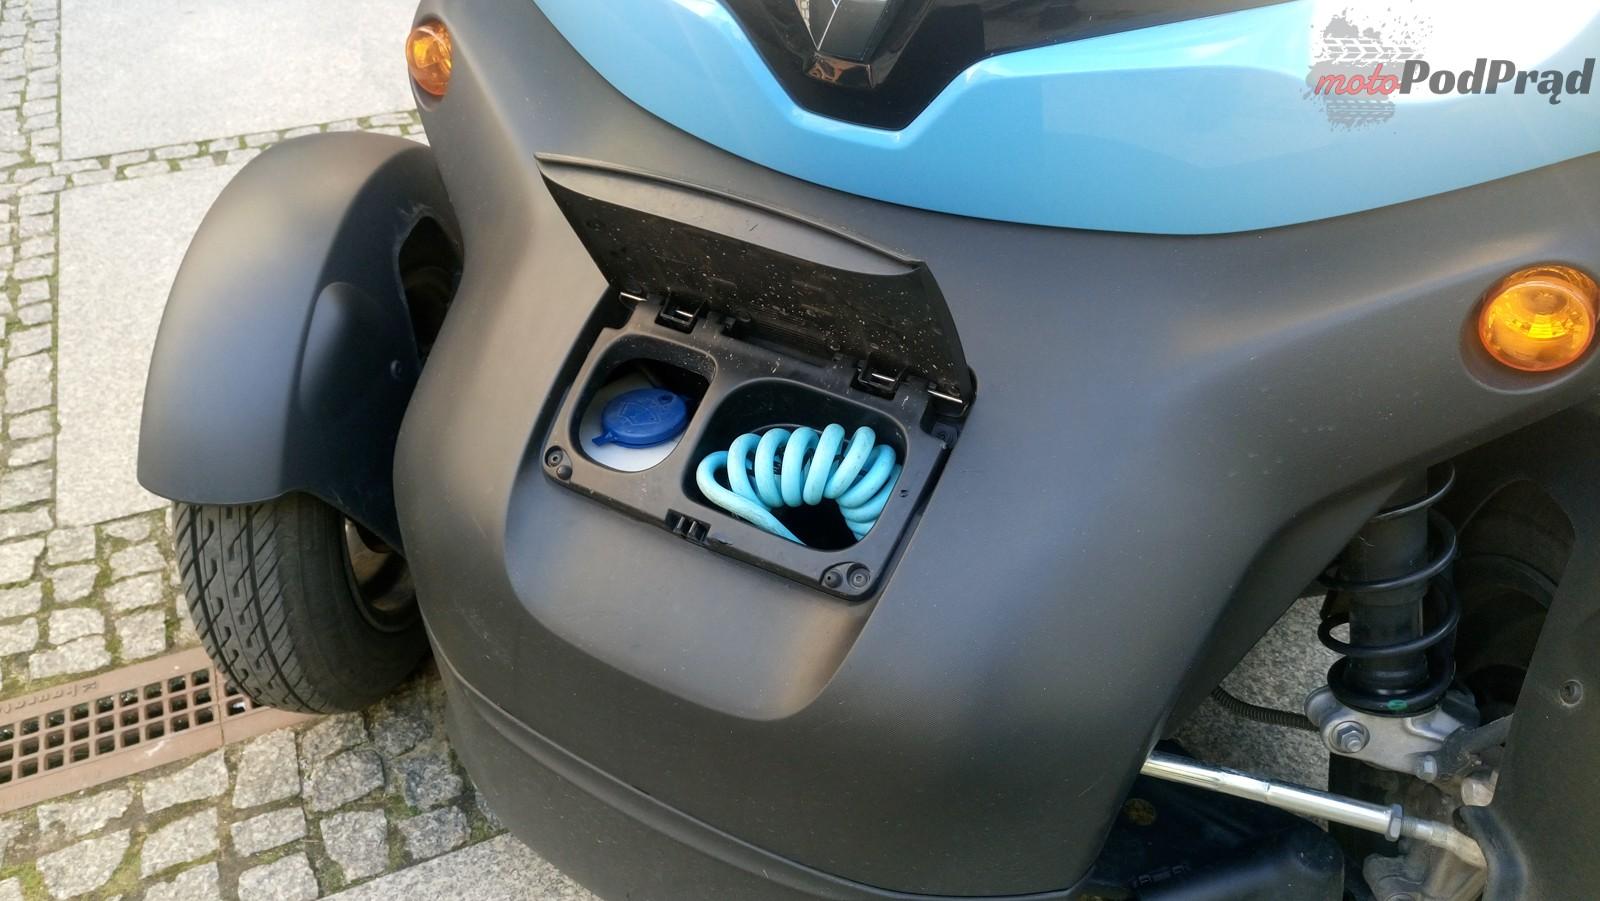 DSC 0635 1 Test:  Renault Twizy   7 dni w pralce na kółkach